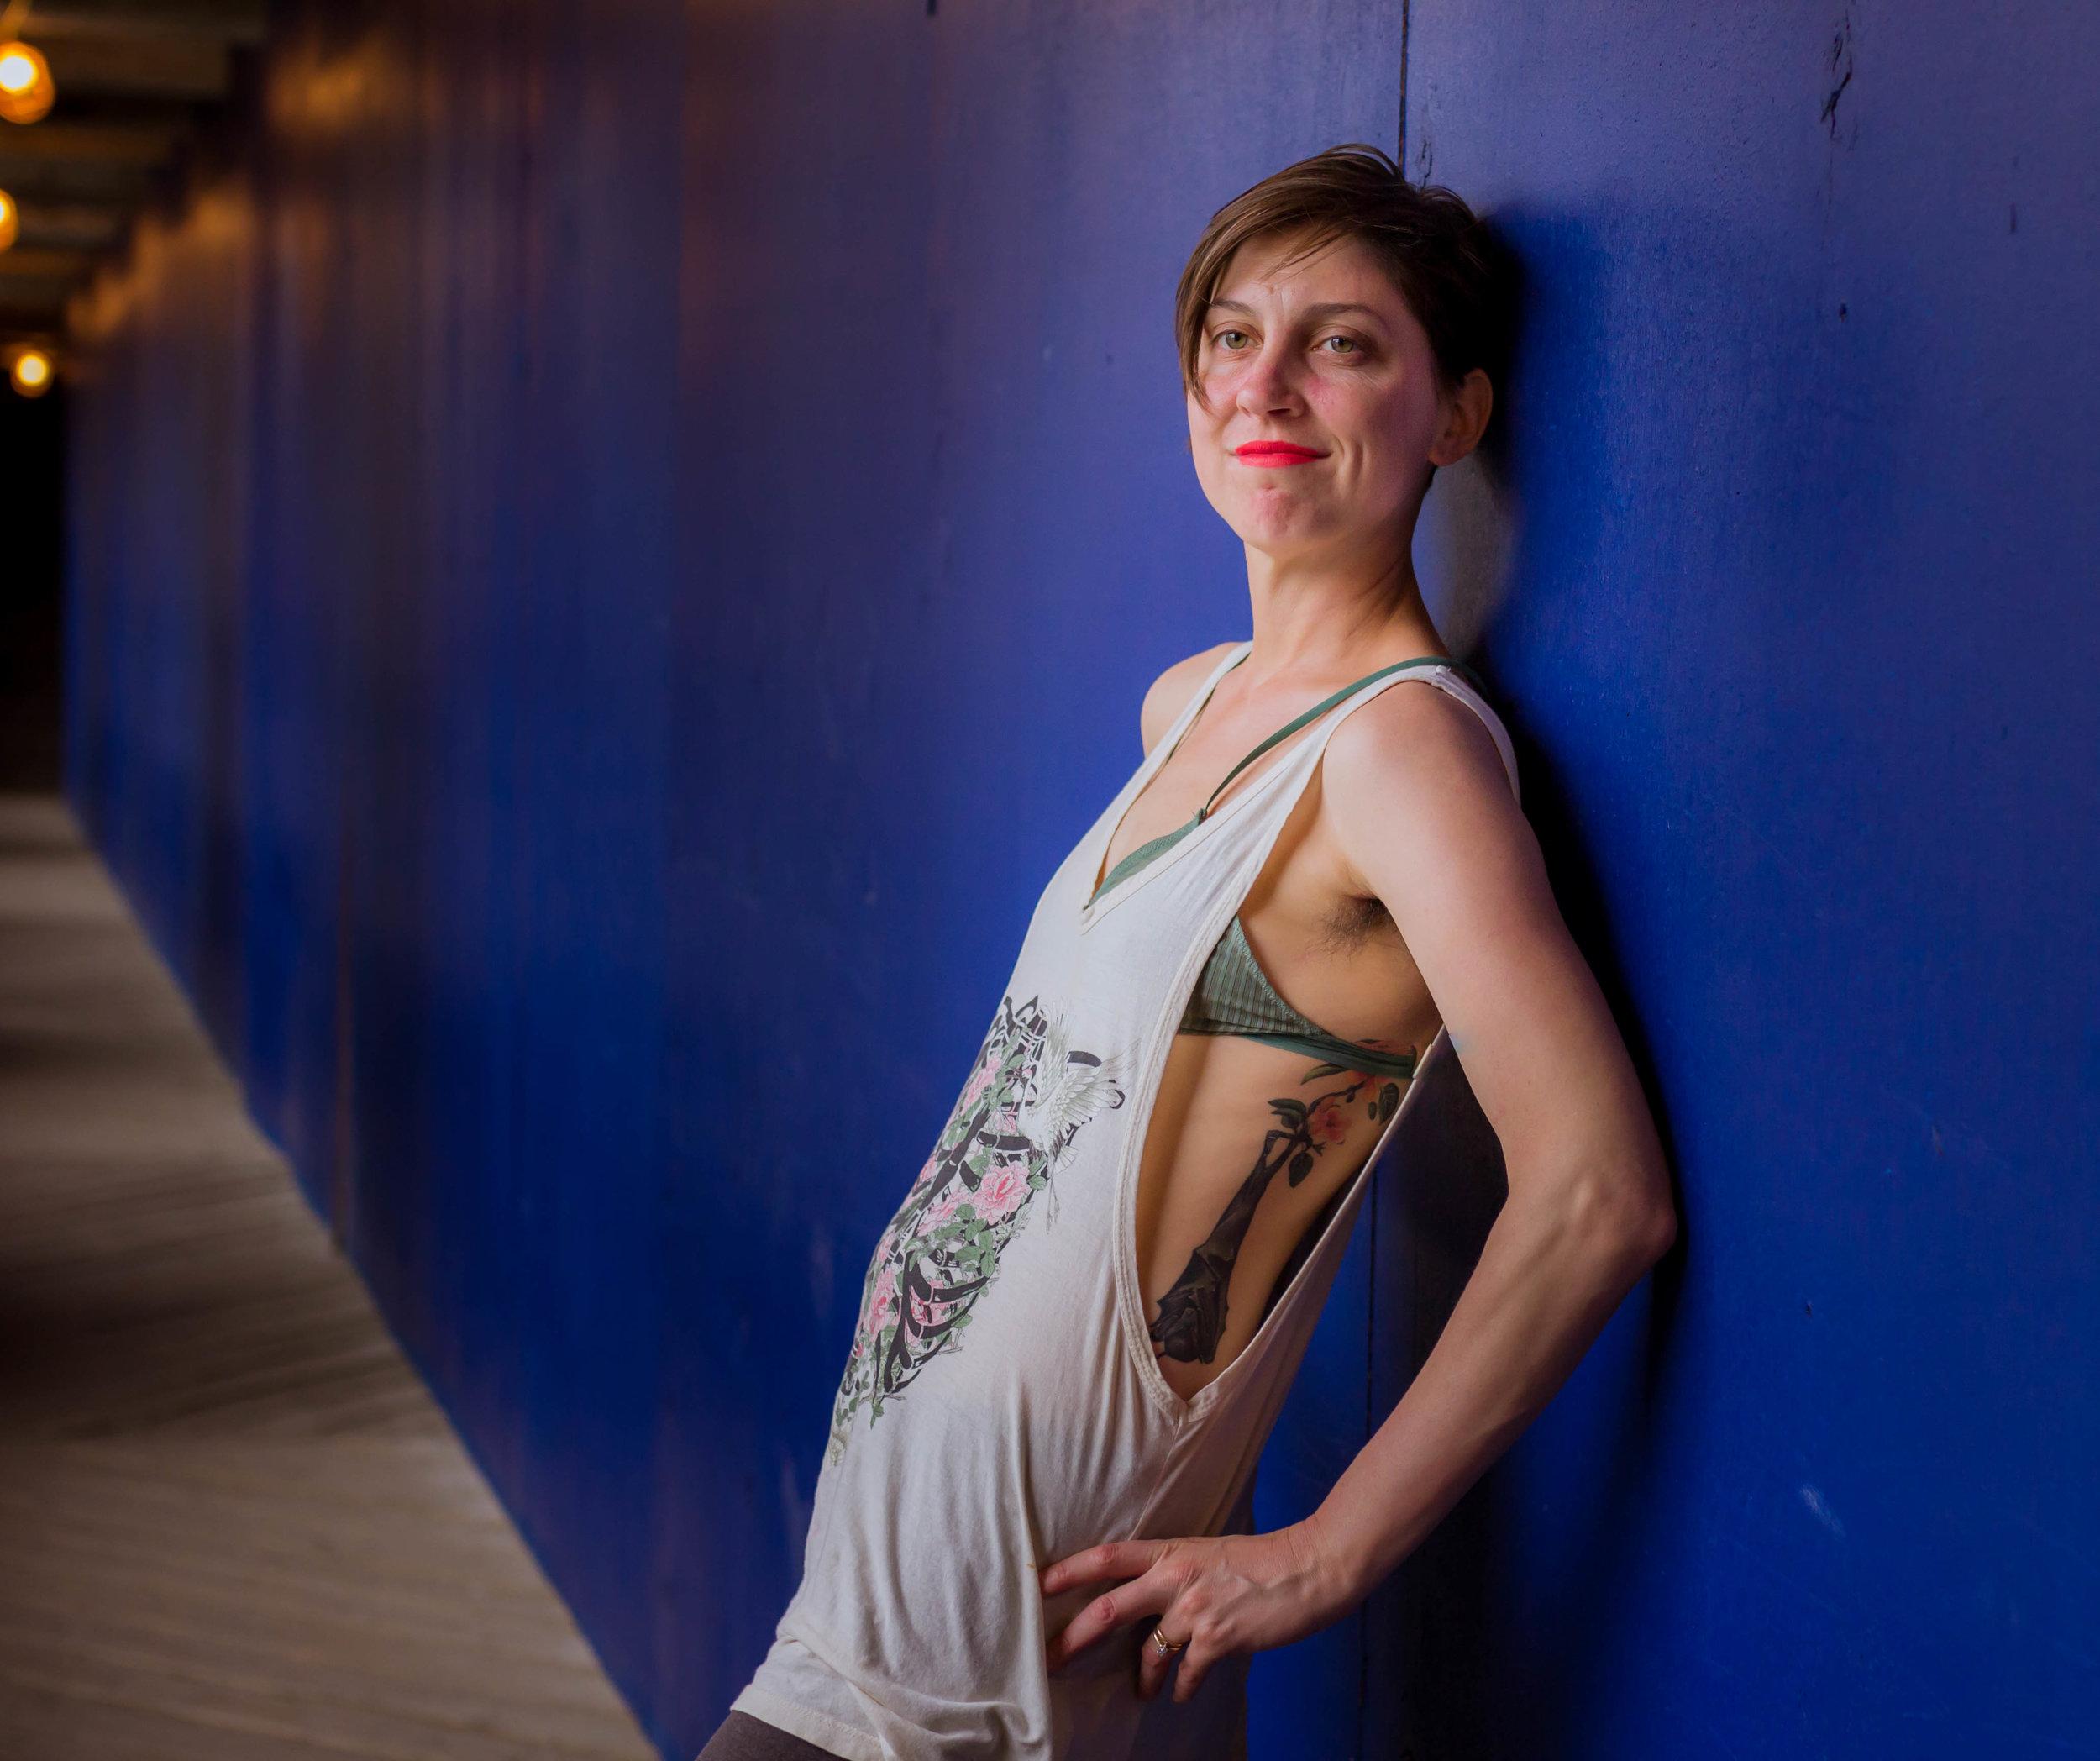 Model: Chelsea Ruscio